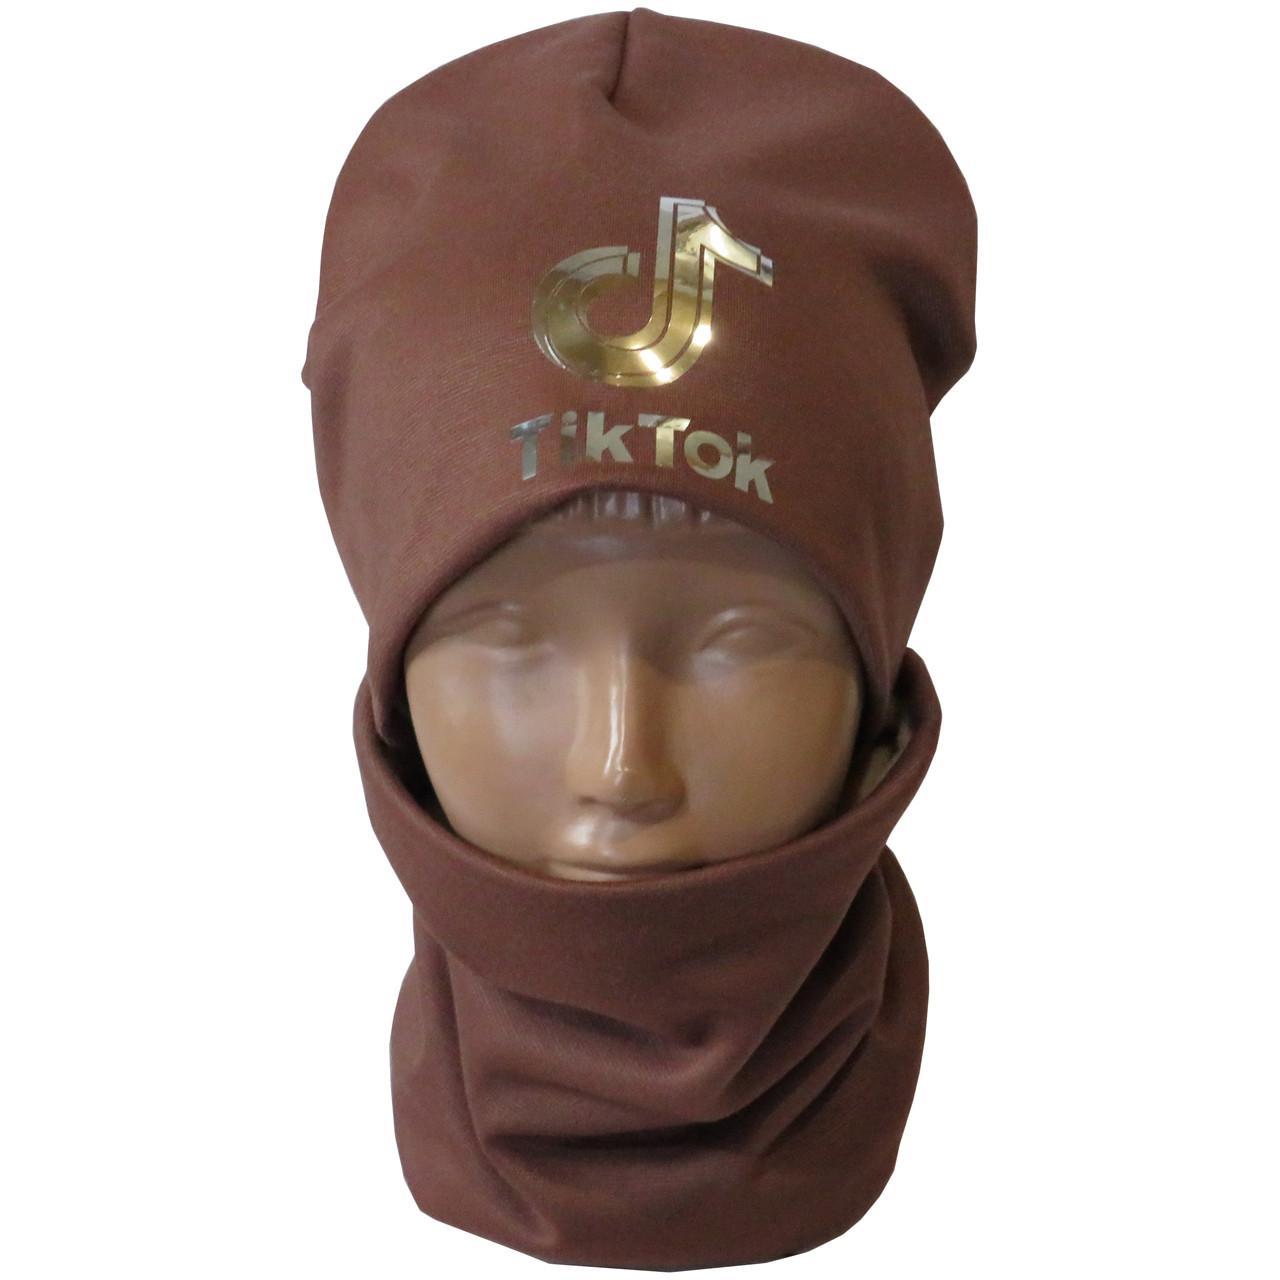 Детский трикотажный демисезонный комплект шапка + хомут (баф) на флисе, TikTok коричневый с зеркальным значком